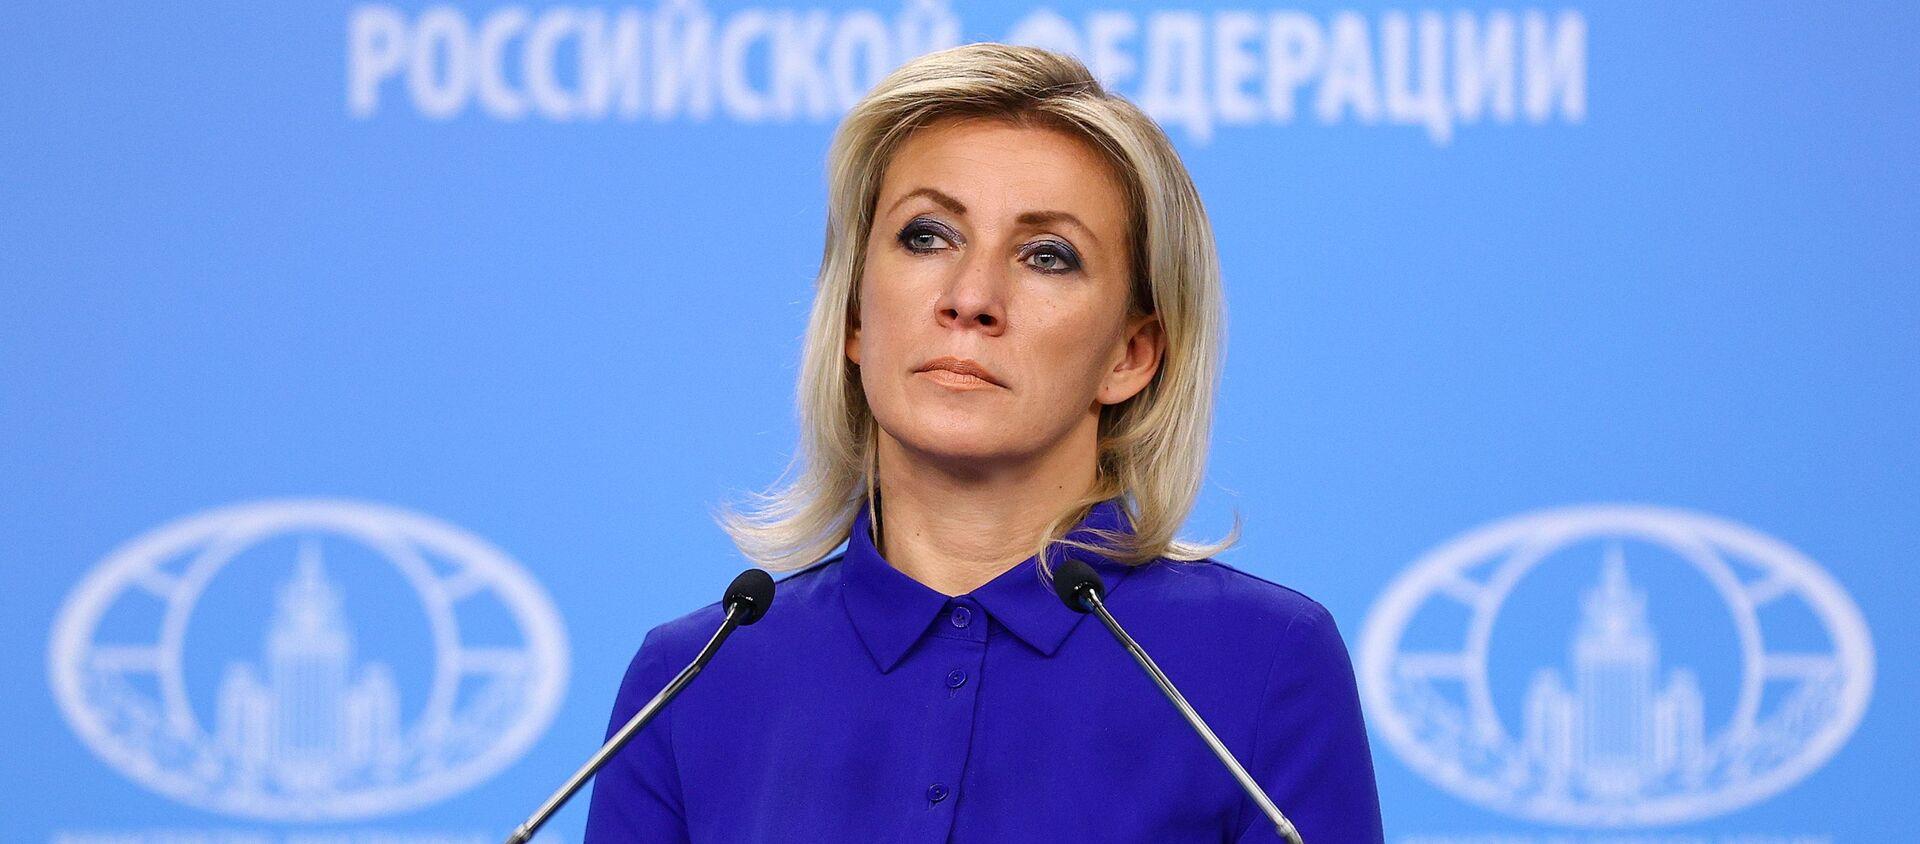 Официальный представитель Министерства иностранных дел России Мария Захарова - Sputnik Արմենիա, 1920, 31.07.2021